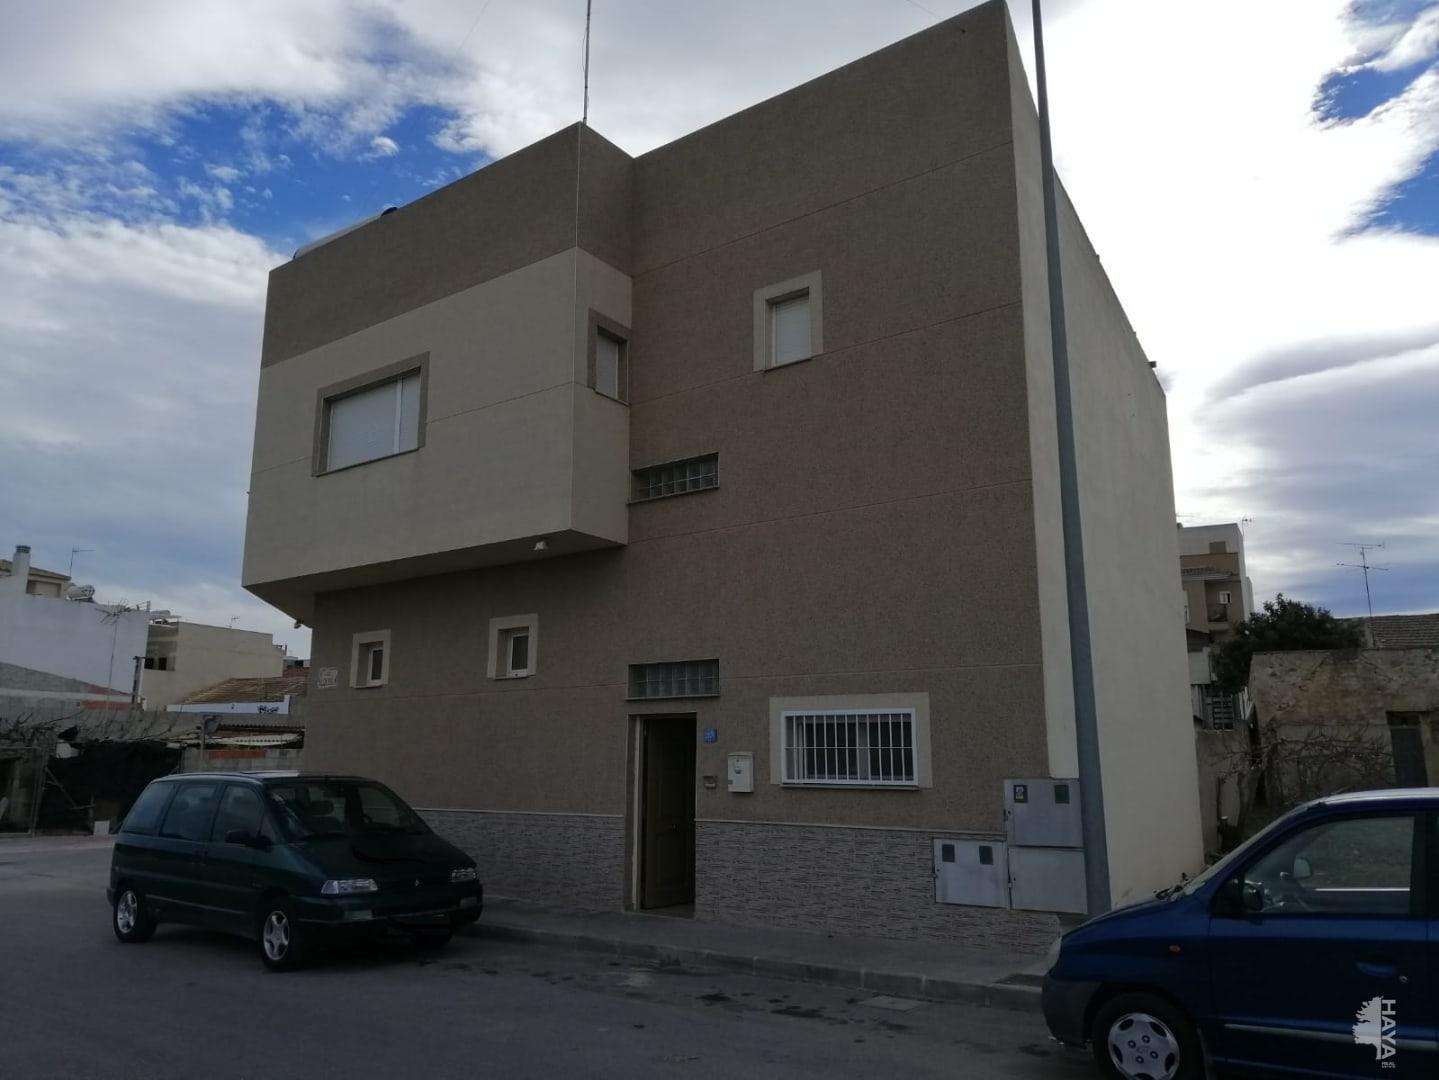 Casa en venta en El Raiguero, Algorfa, Alicante, Calle Alquibla, 188.000 €, 1 baño, 91 m2